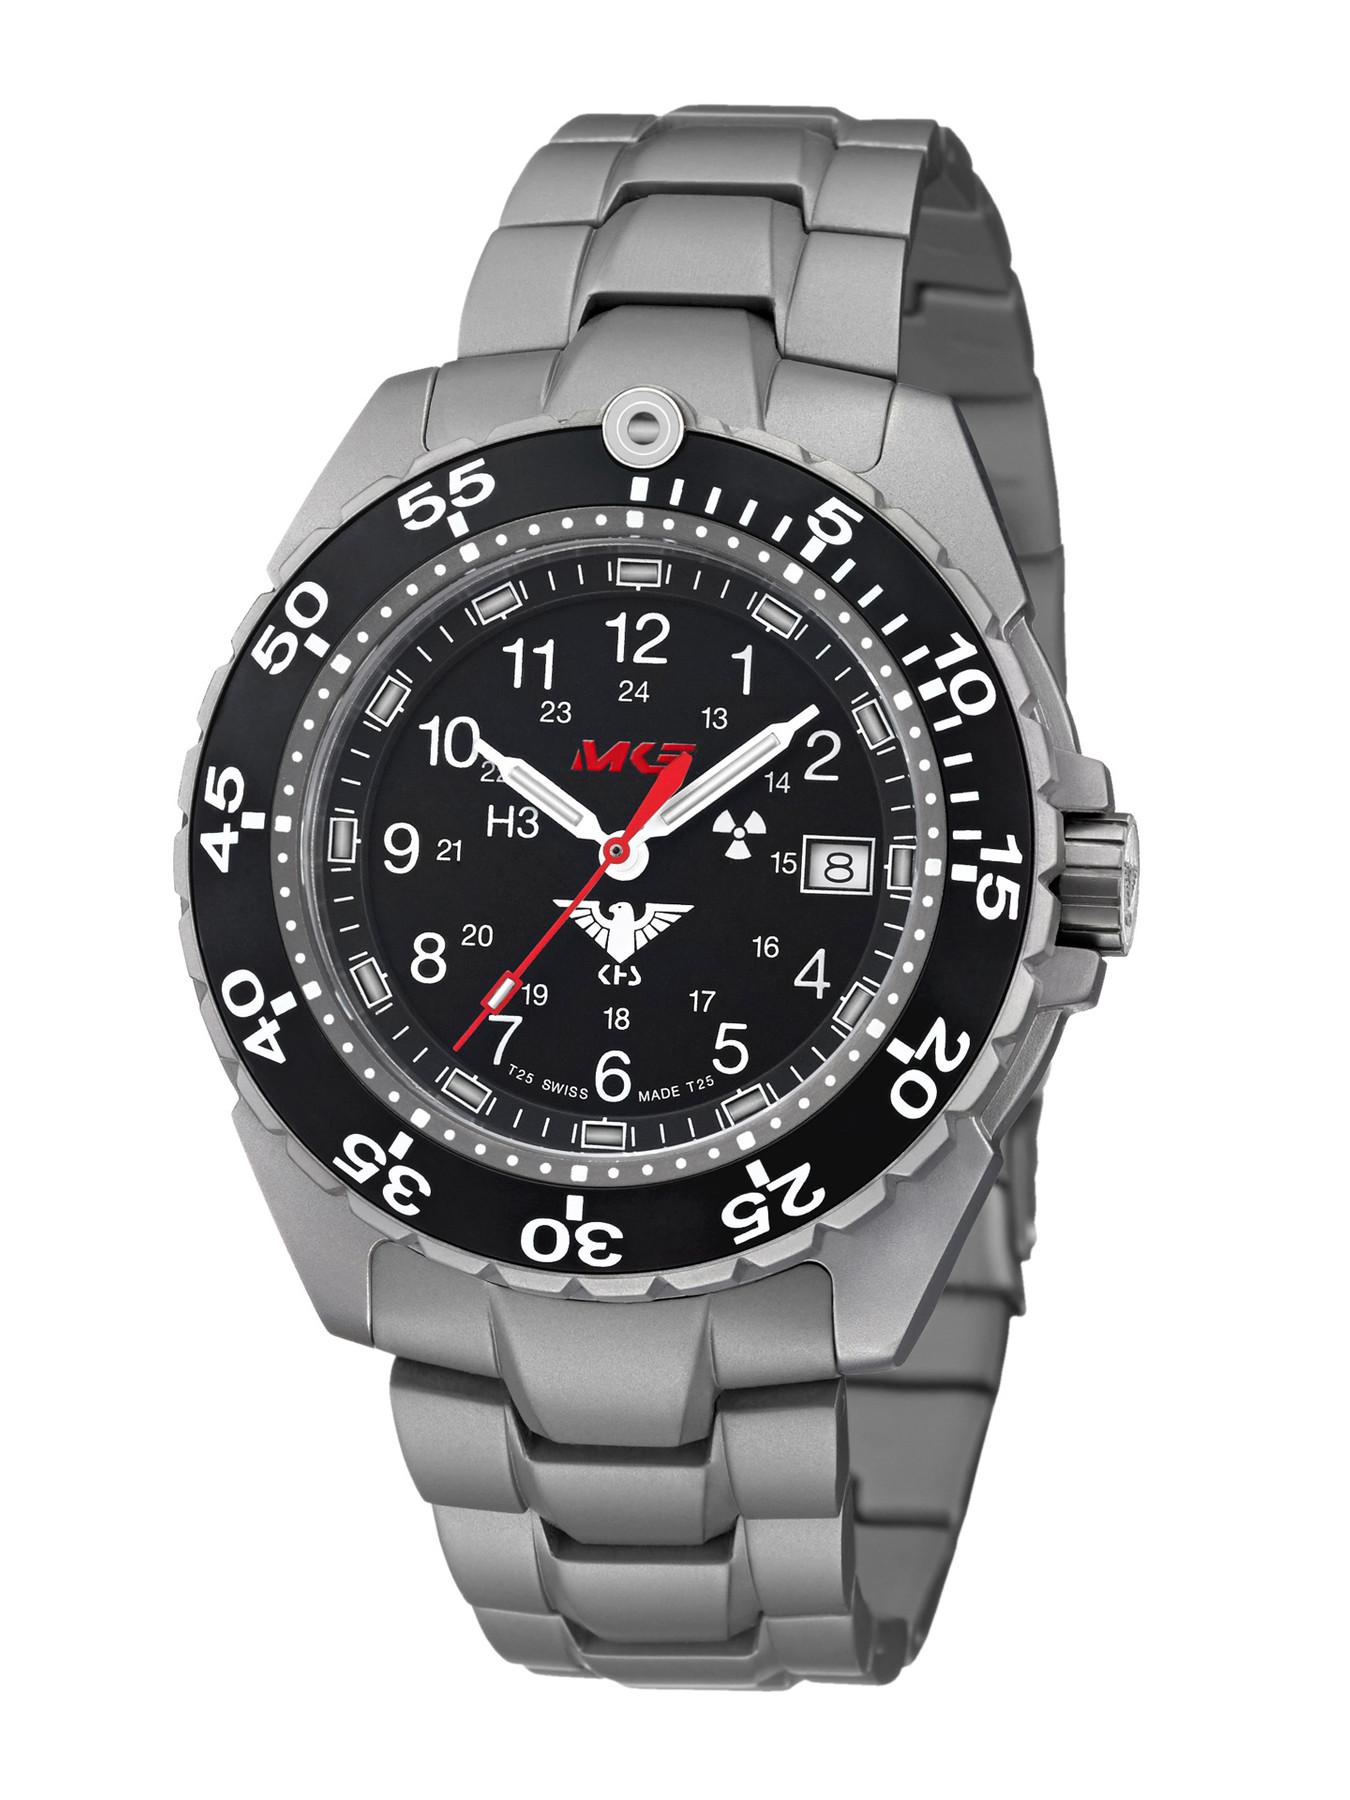 Enforcer Shop enft Im Mit Aus TitanArmbanduhren Einsatzuhr Khs te Kaufen Khs Unger Niedrigpreisgarantie Uhren nmNOvy80Pw